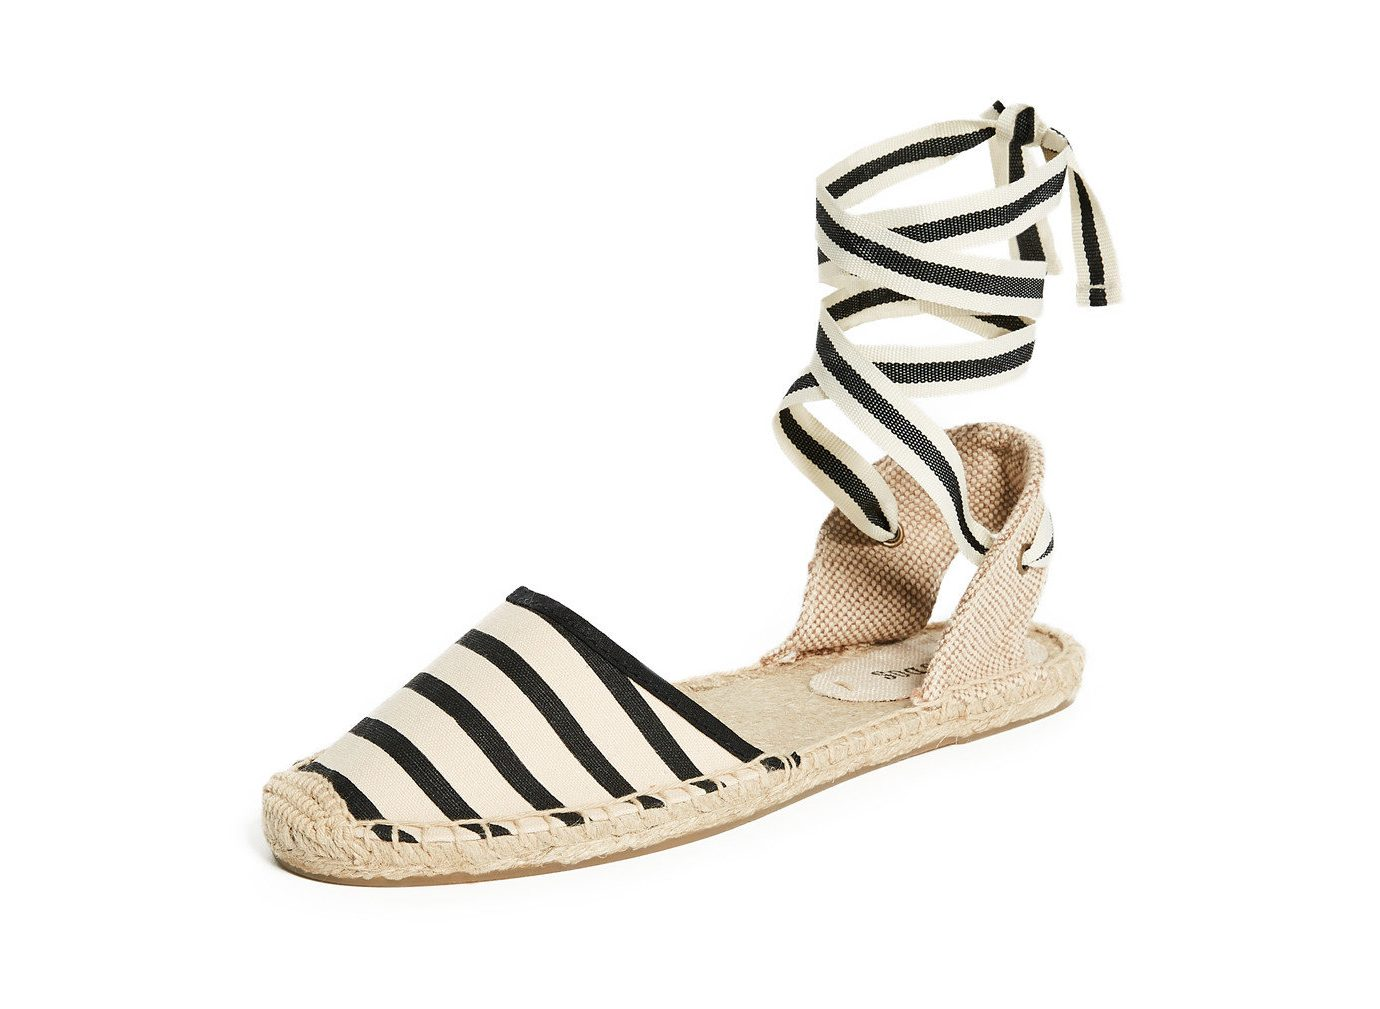 Food + Drink Romantic Getaways Weekend Getaways footwear clothing shoe sandal beige outdoor shoe product design product high heeled footwear walking shoe